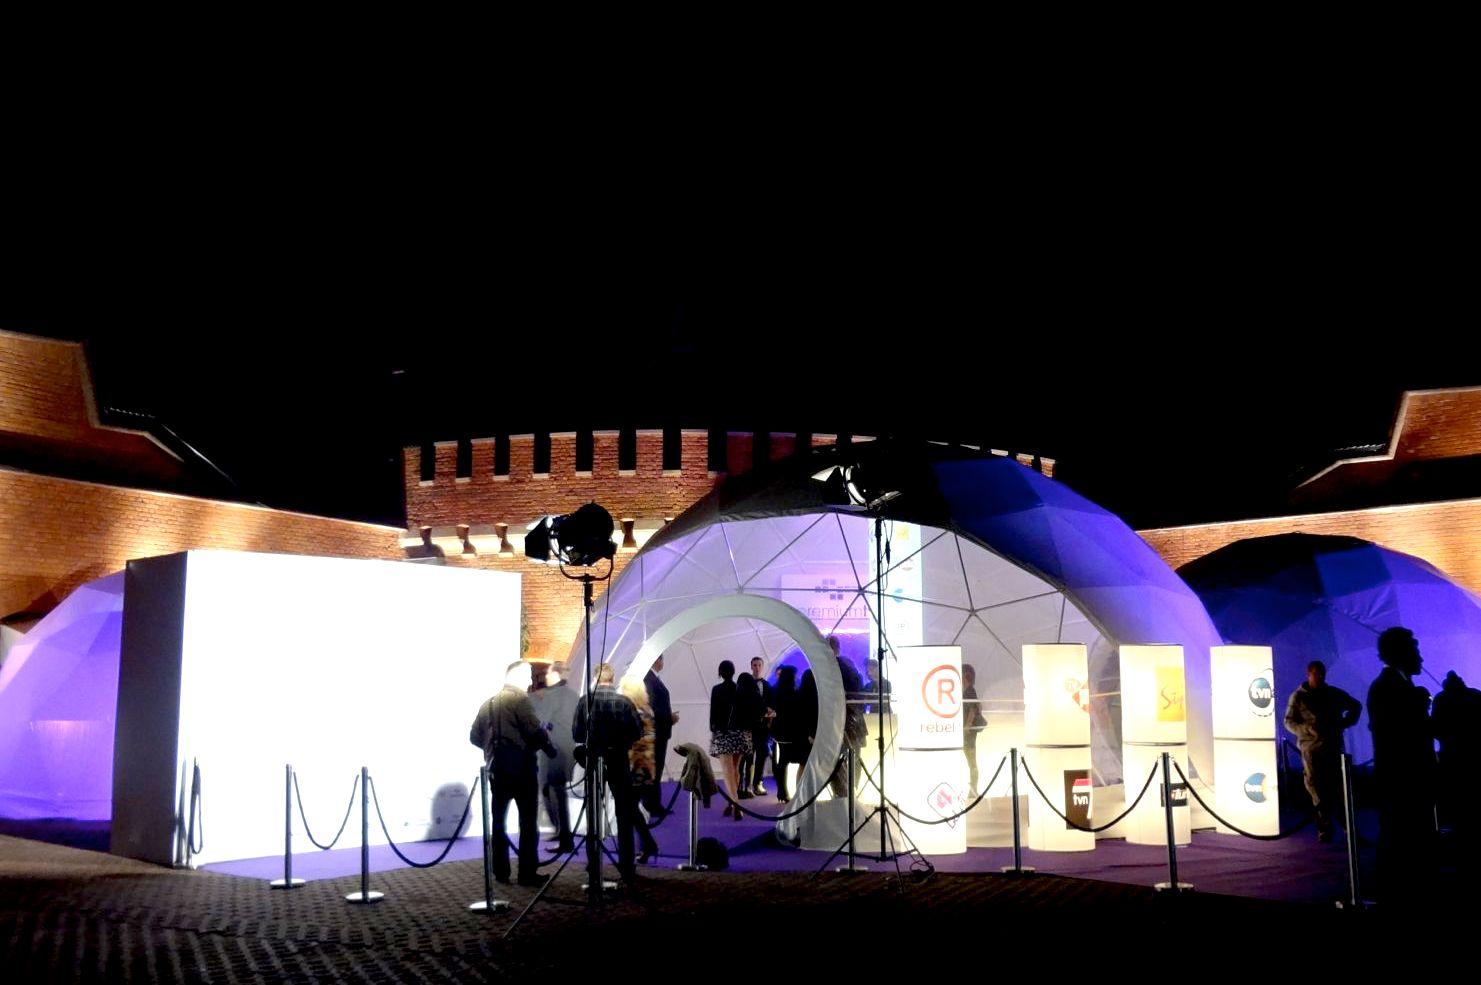 FDomes - Namioty Sferyczne fdomes.com